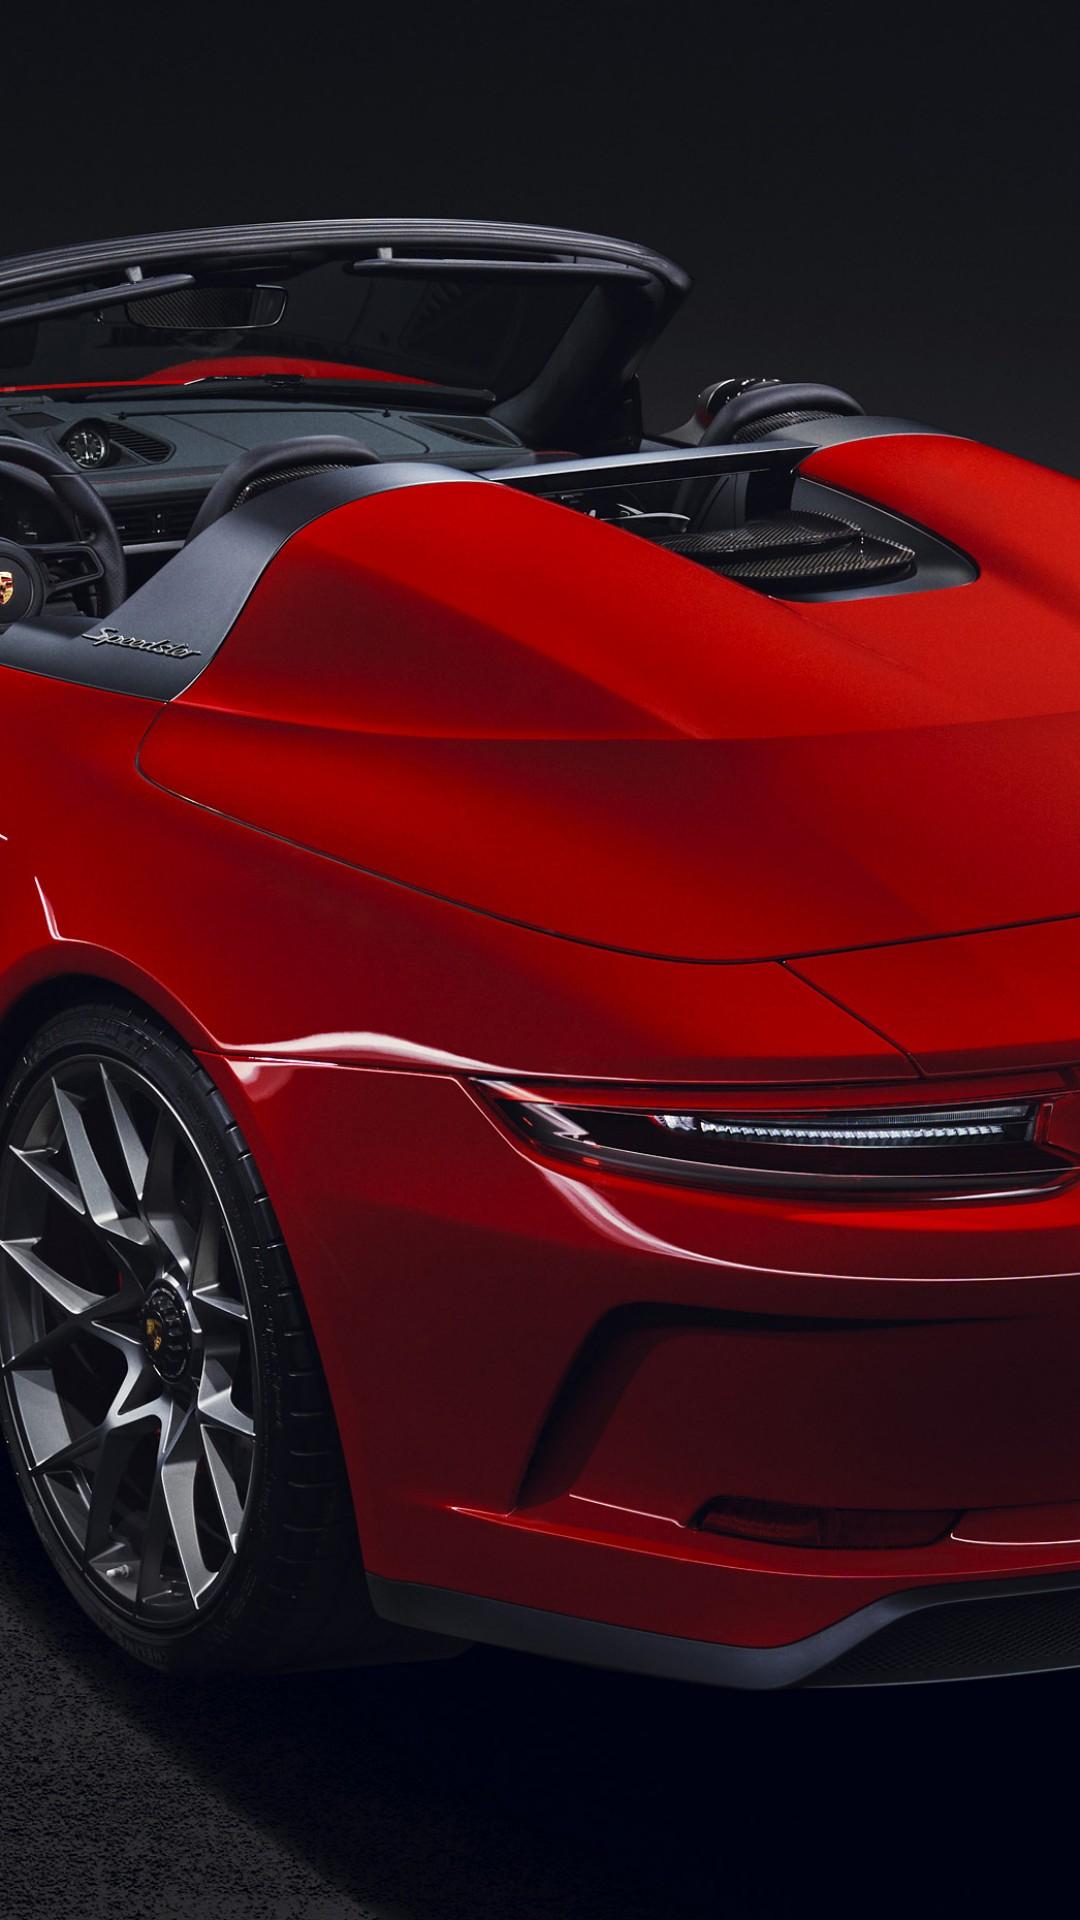 Wallpaper Porsche 911 Speedster 2019 Cars 4k Cars